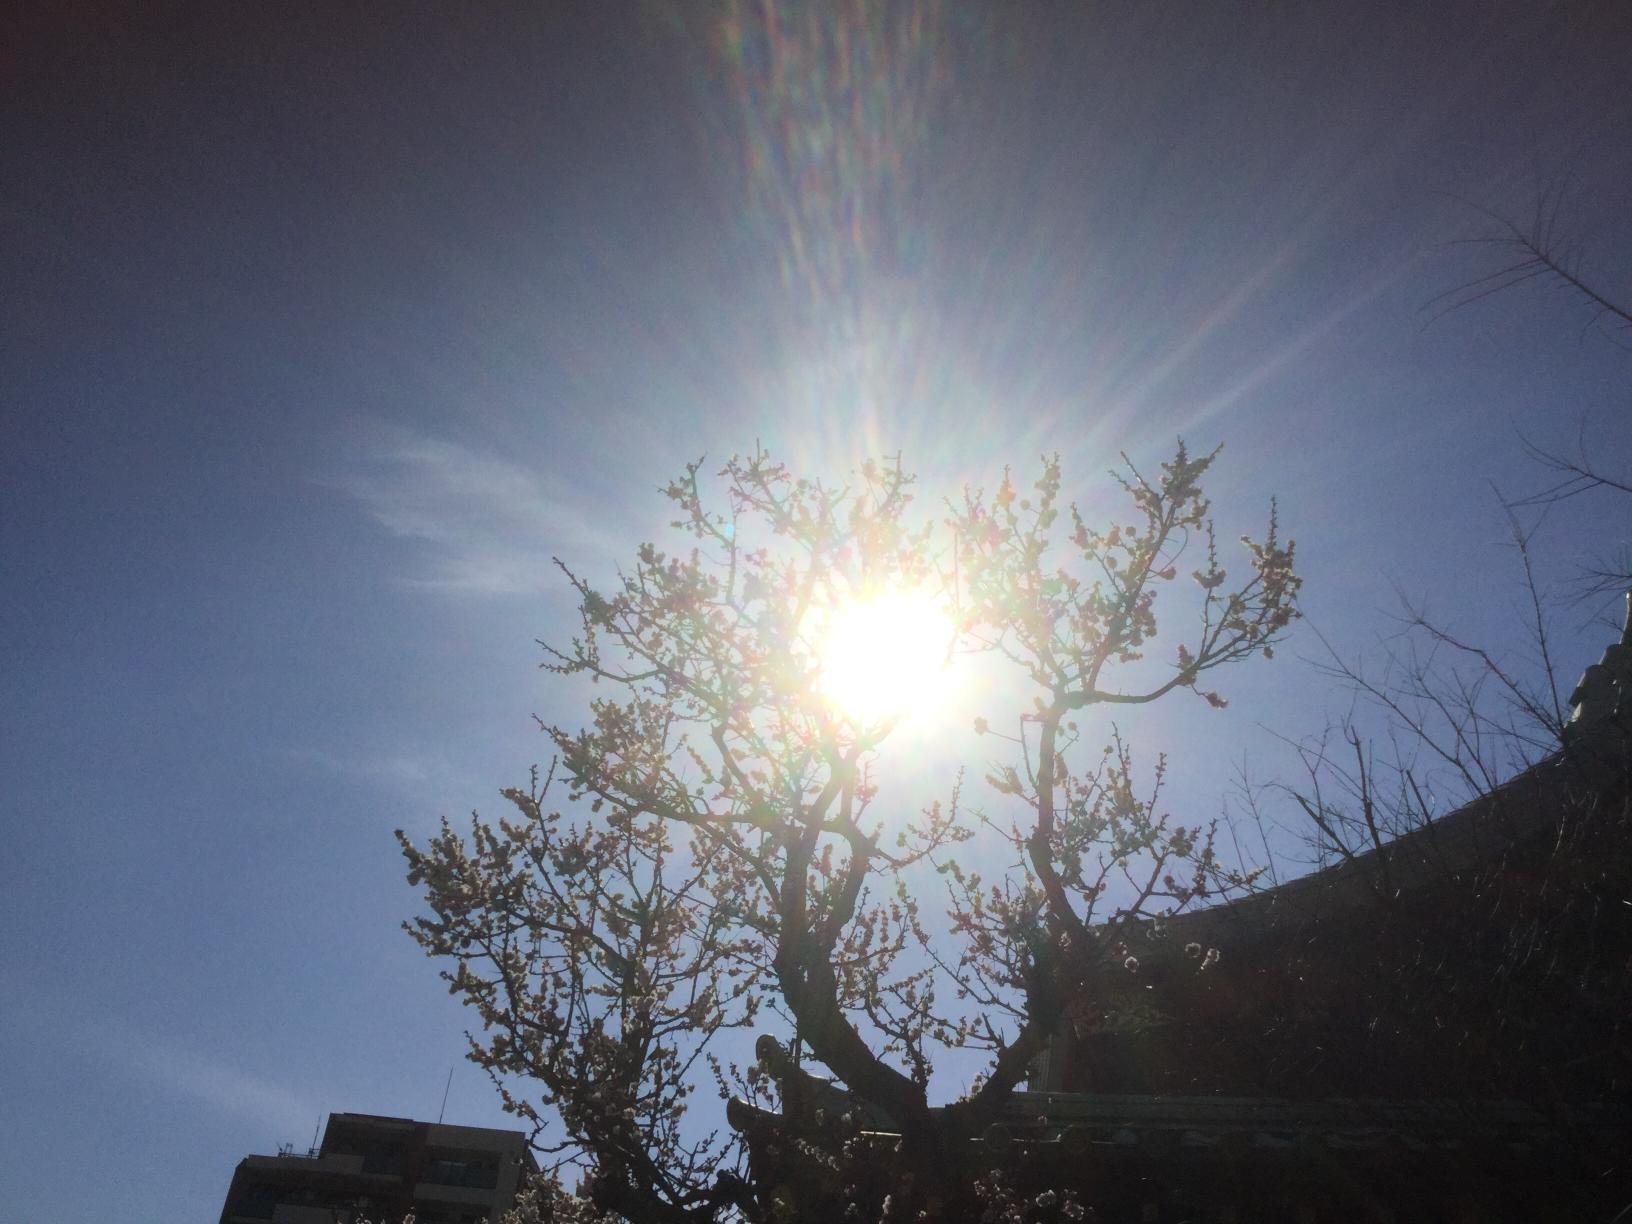 眩い春の陽射しとほころぶ梅、